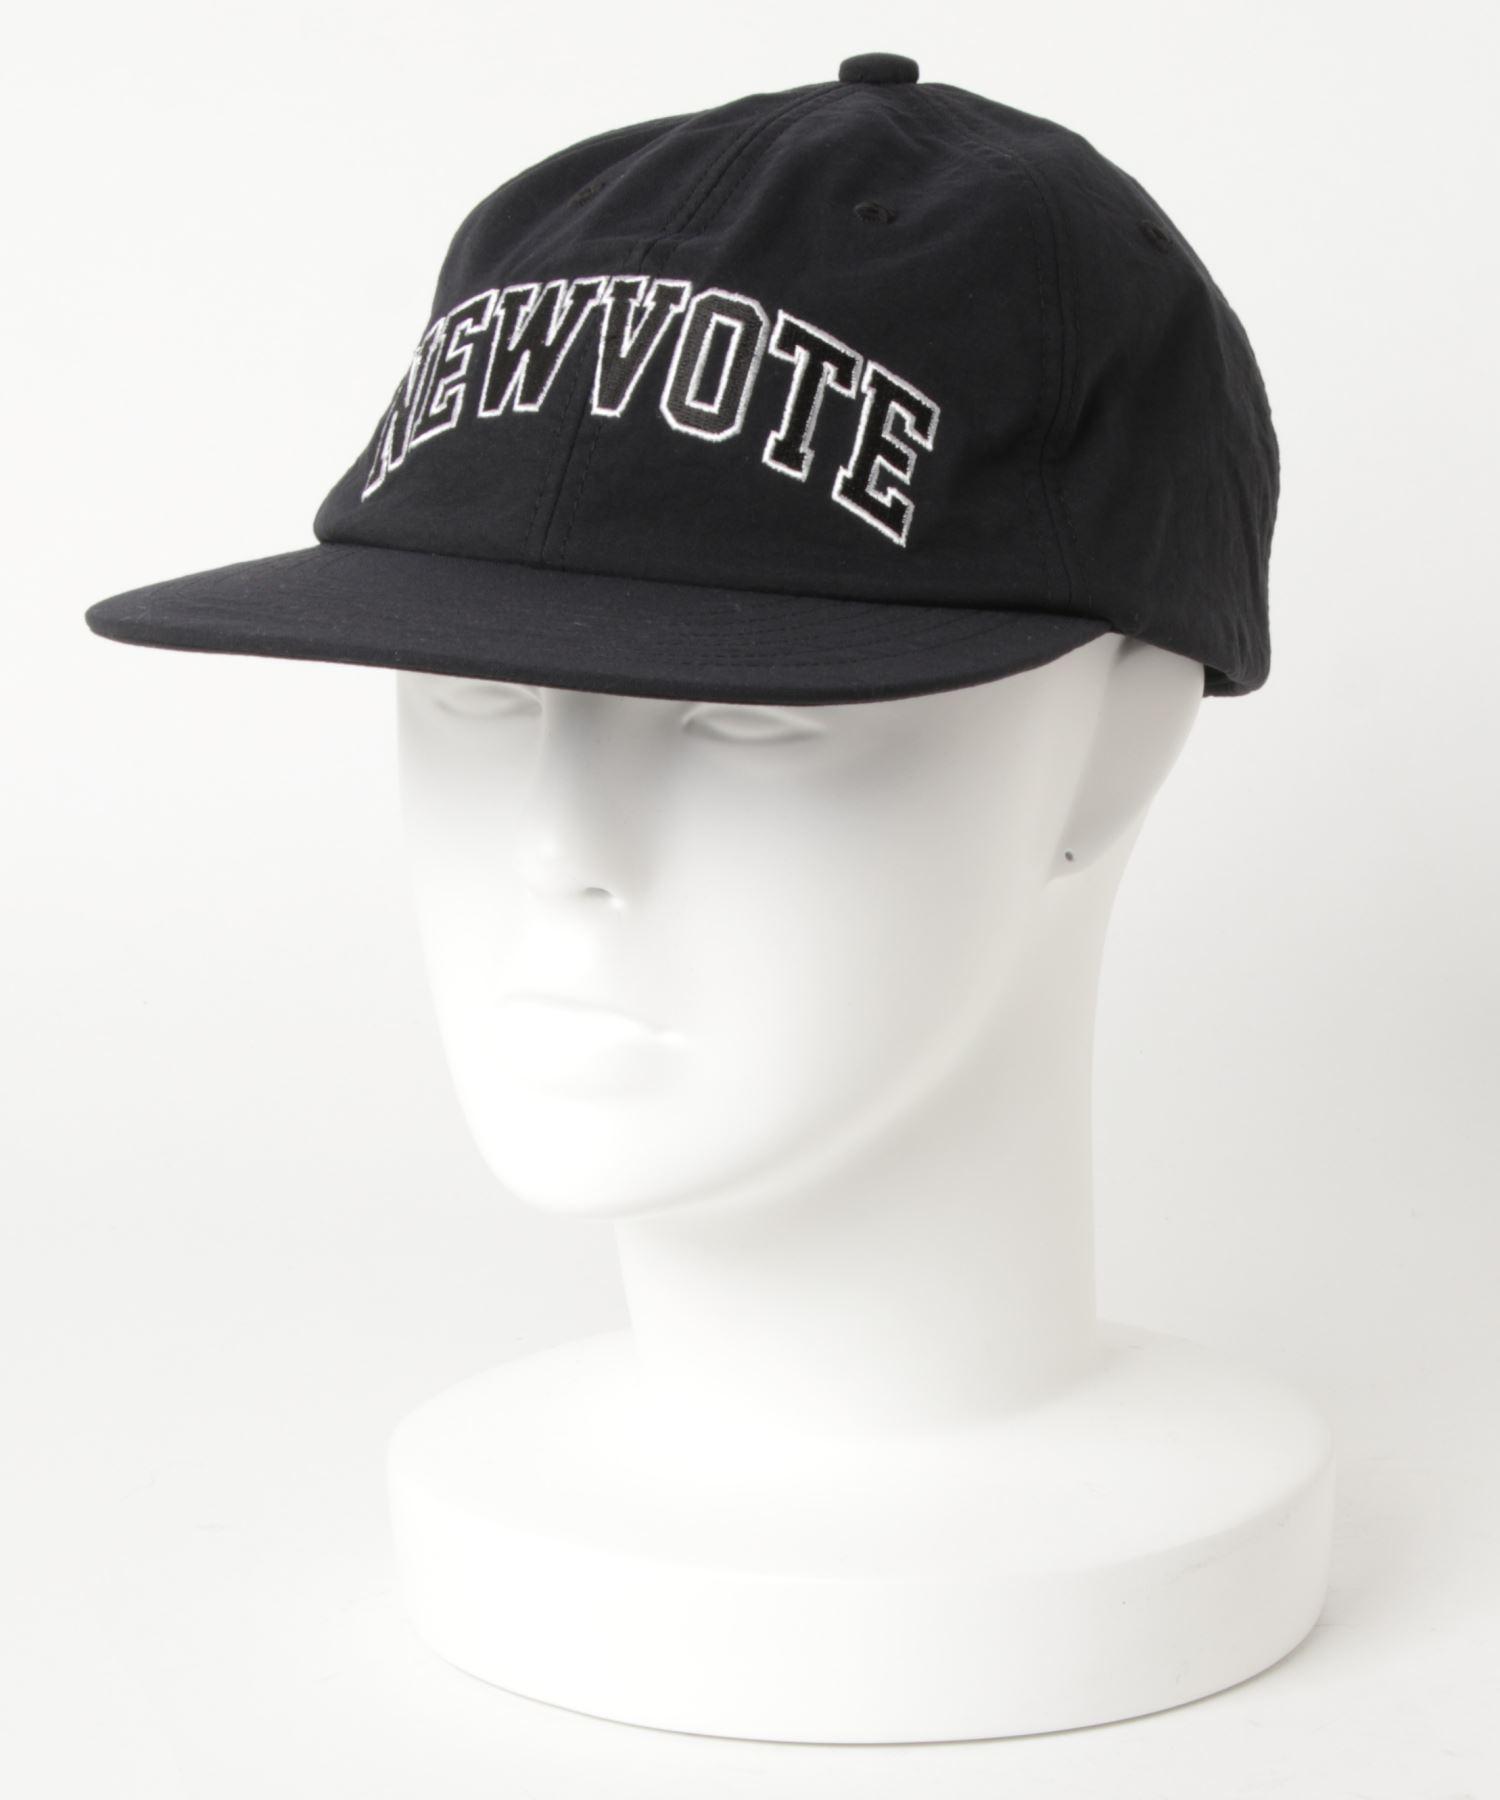 """ヴォート メイク ニュー クローズ VOTE MAKE NEW CLOTHES / アーチロゴキャップ """"NEW VOTE"""" ARCH LOGO CAP"""